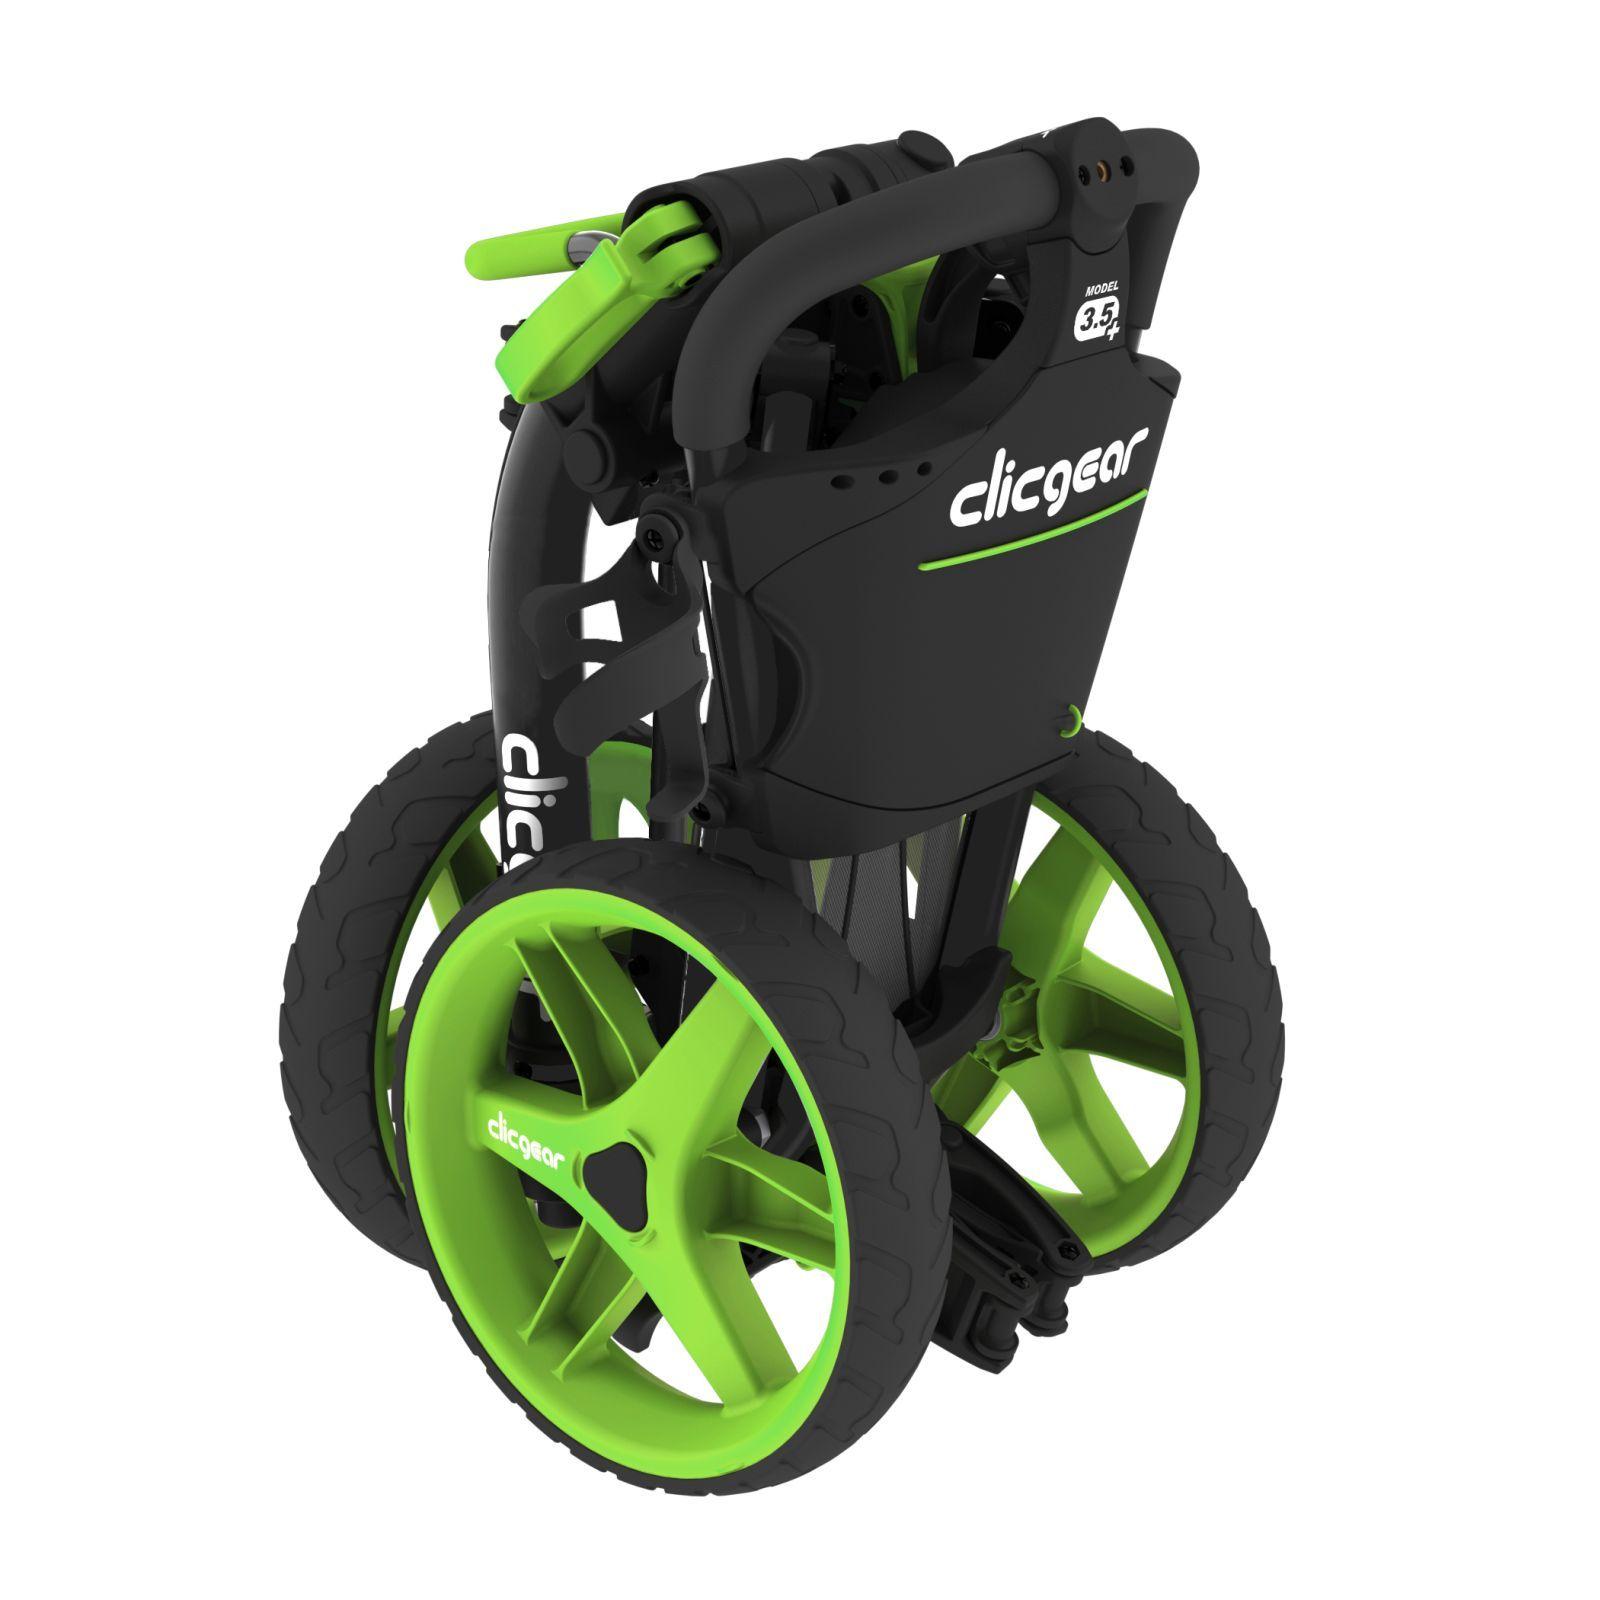 Clicgear 3 5 Plus Golf Trolley